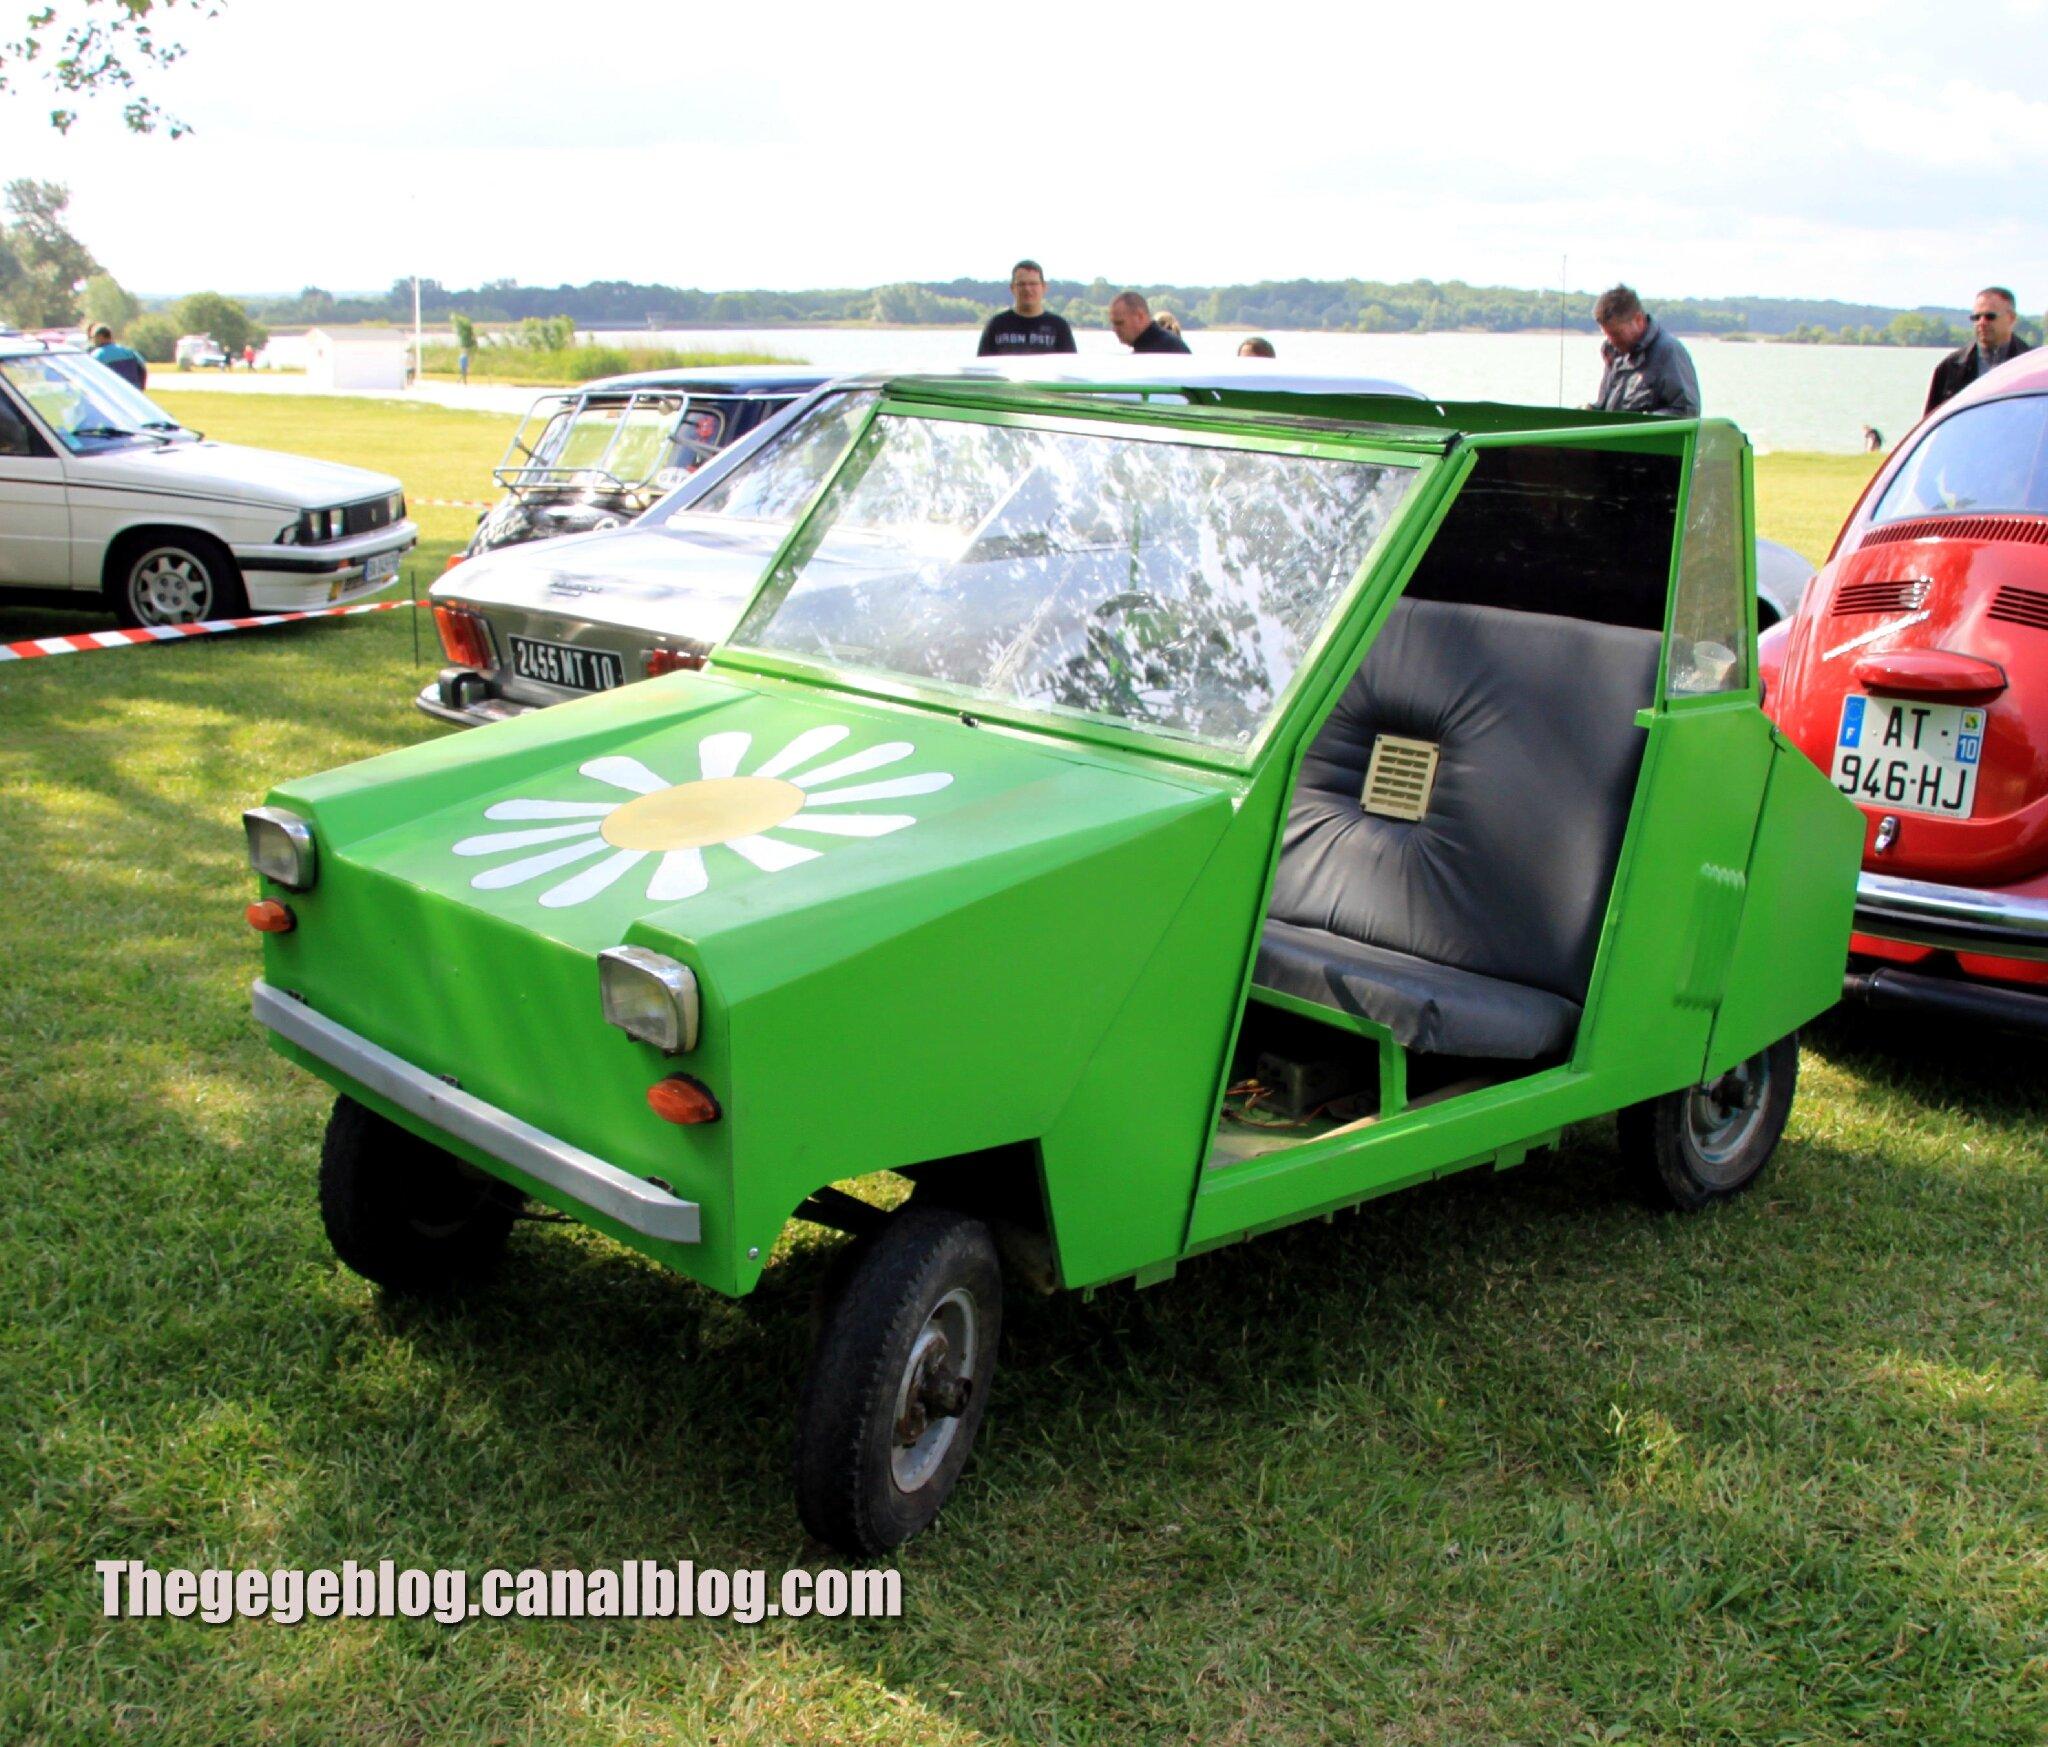 Practicar voiture sans permis (Retro Meus Auto Madine 2012) 01